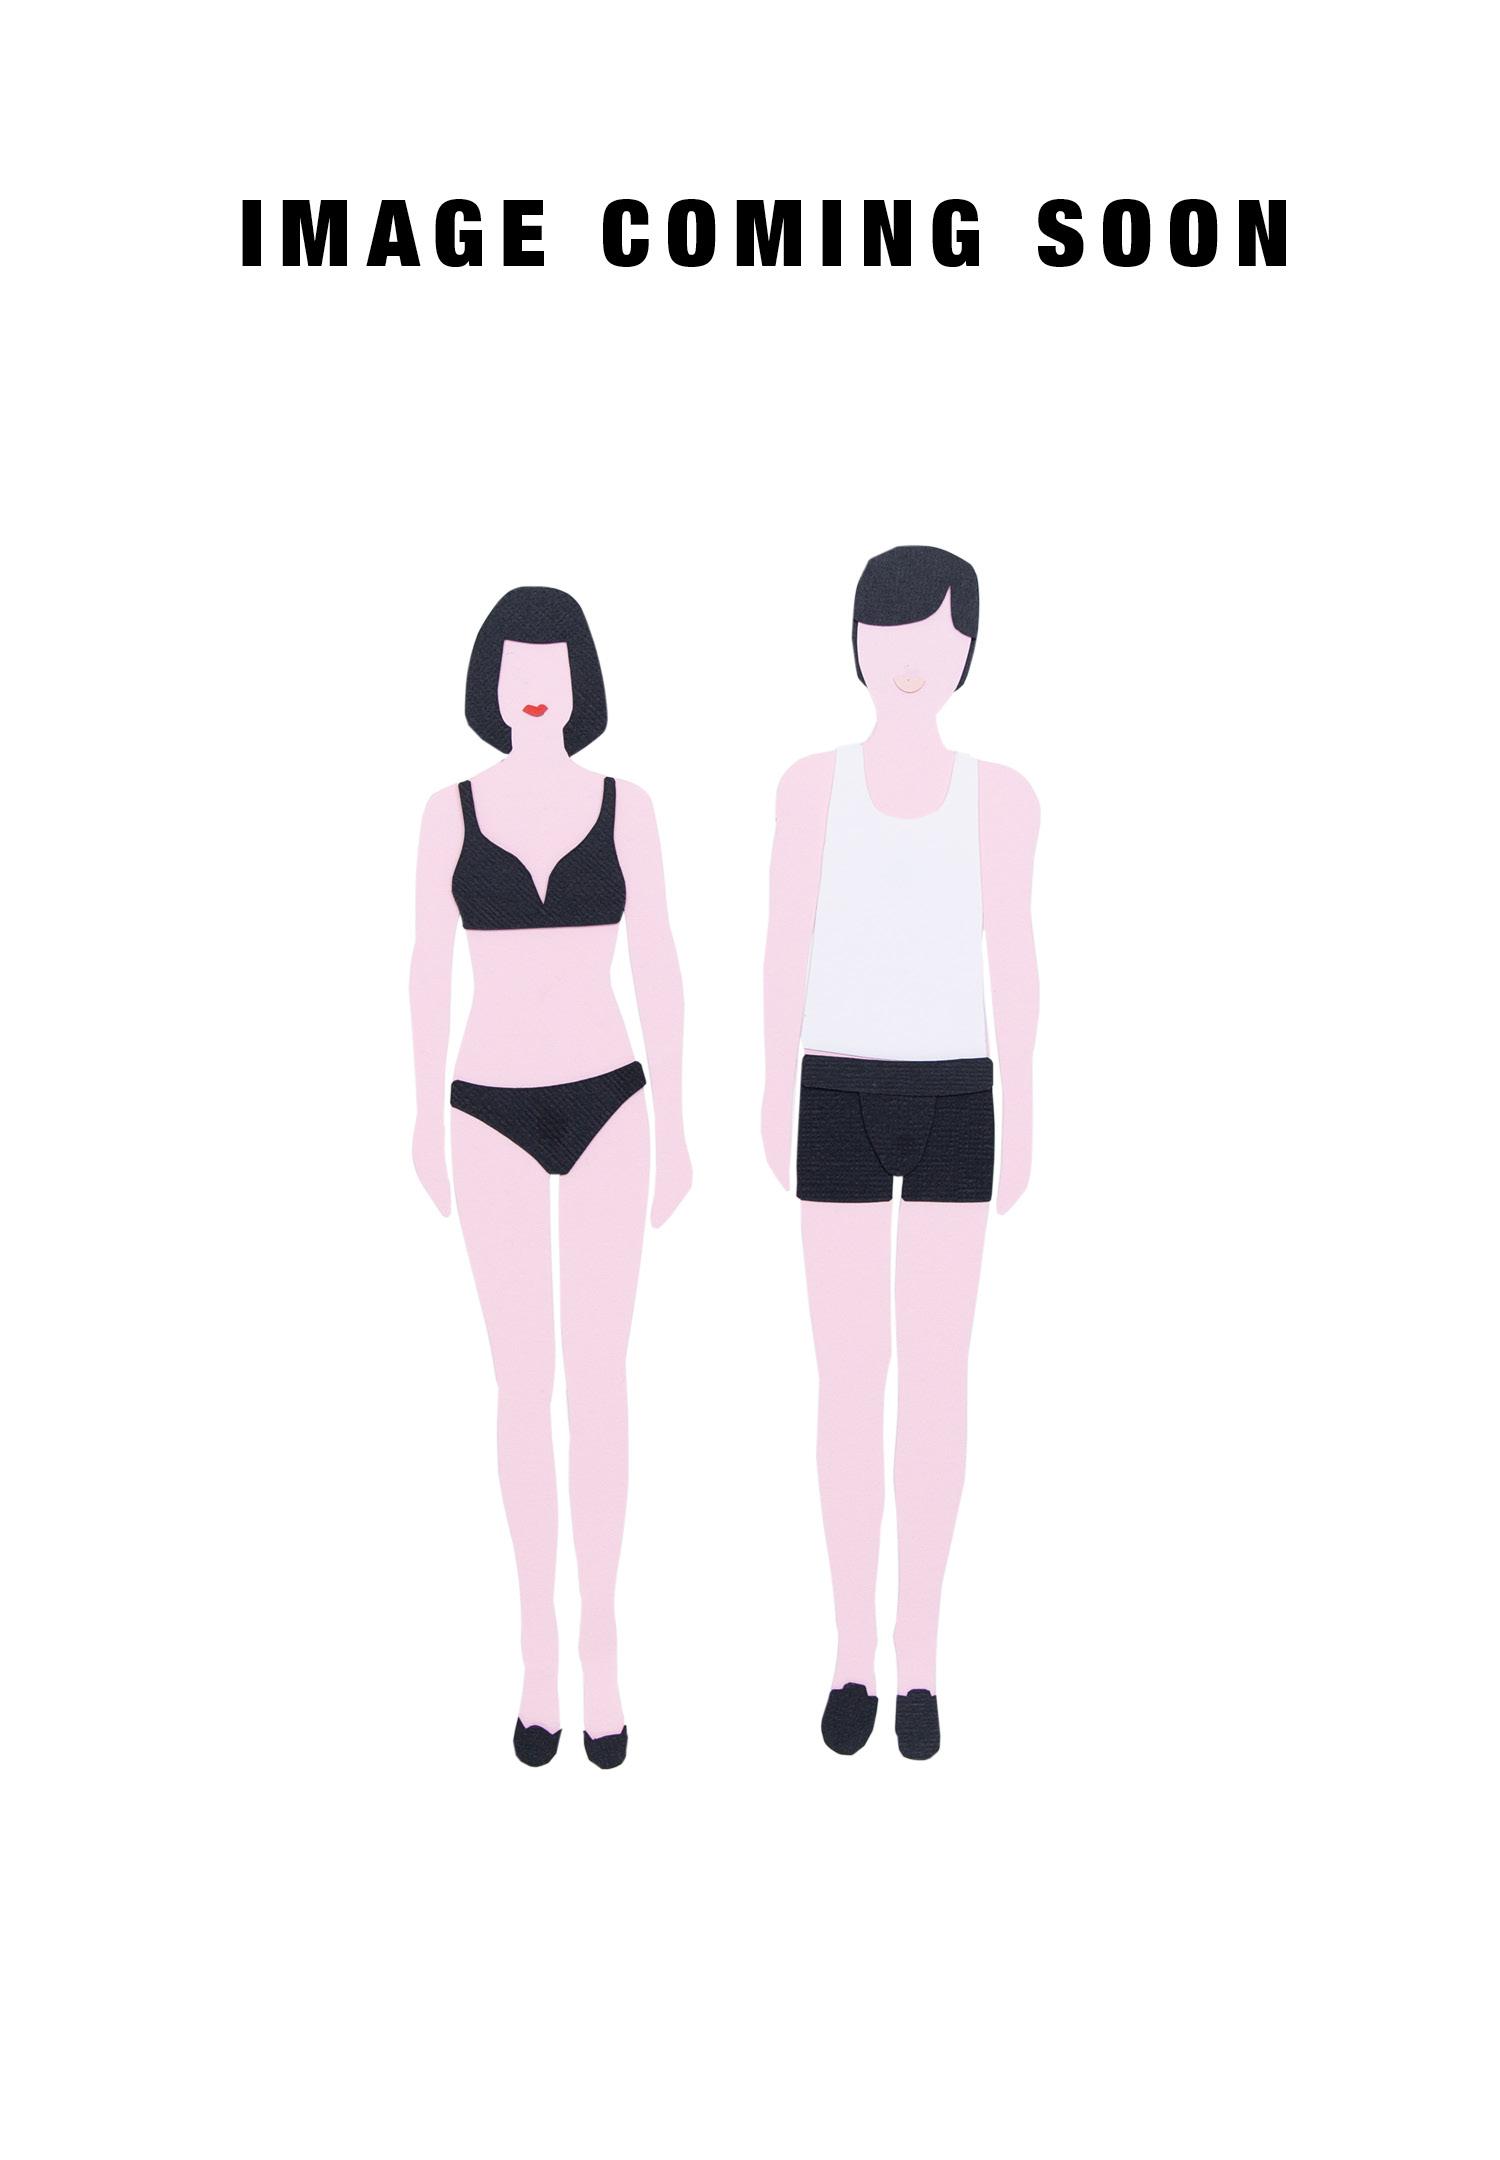 SKINY_Basic_M_Sloungewear_vneckshirtsslv_086805_080393_060.jpg